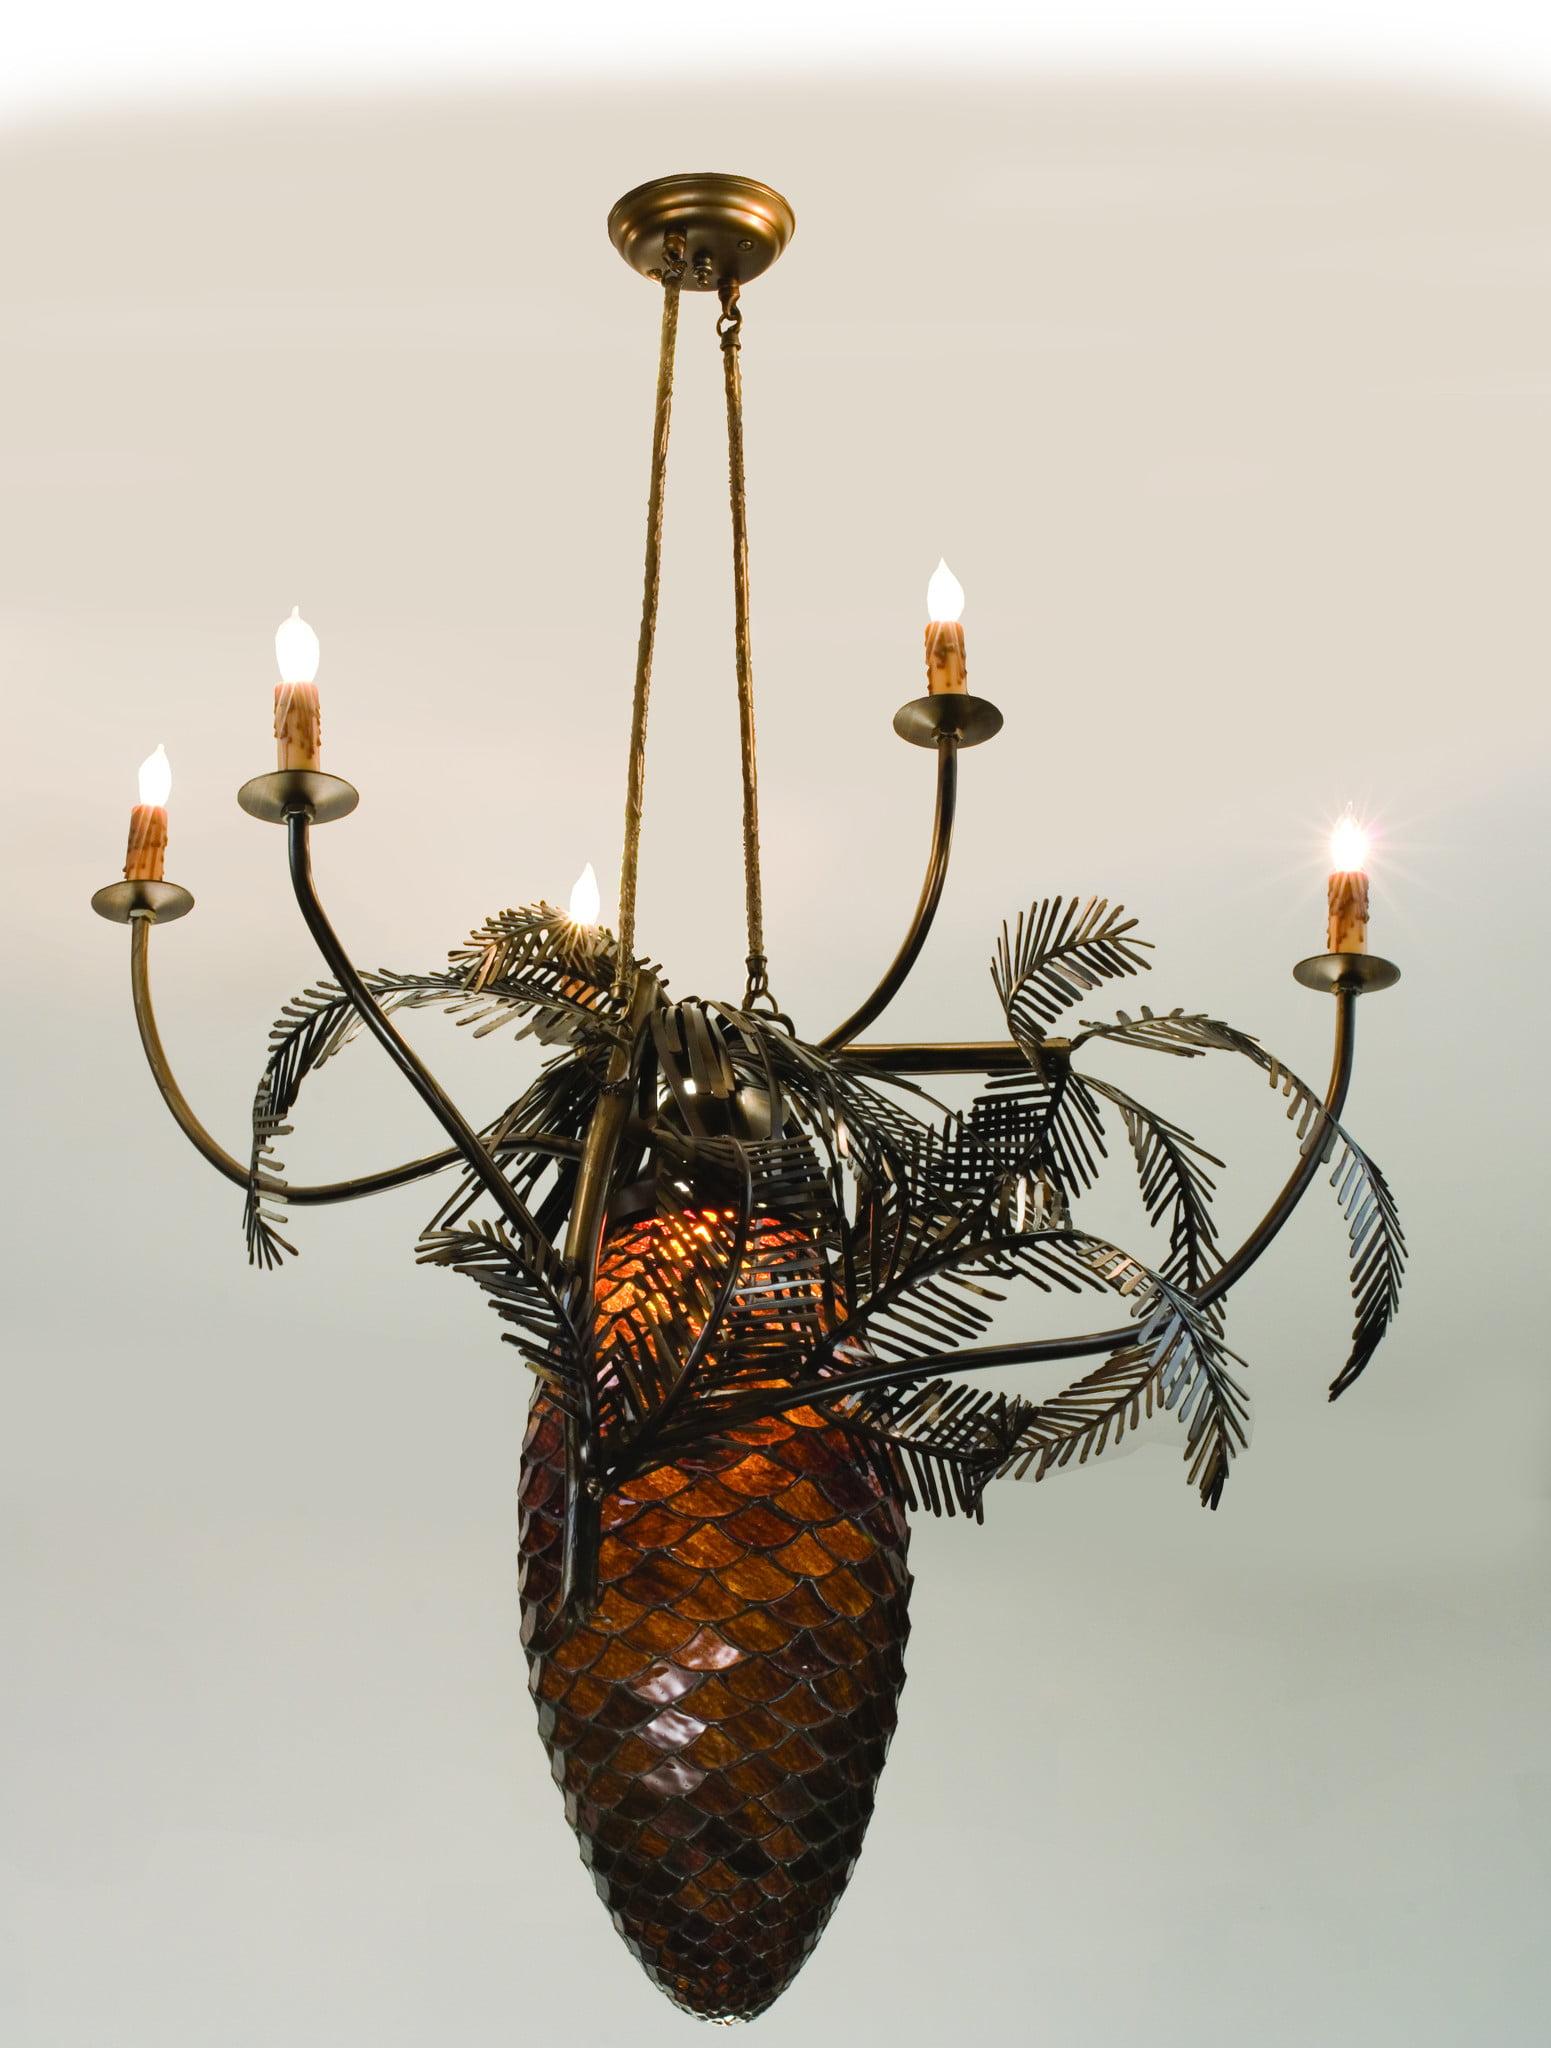 Meyda Tiffany 12363 29. 5 Inch W Pine Bough Pendant by Meyda Tiffany